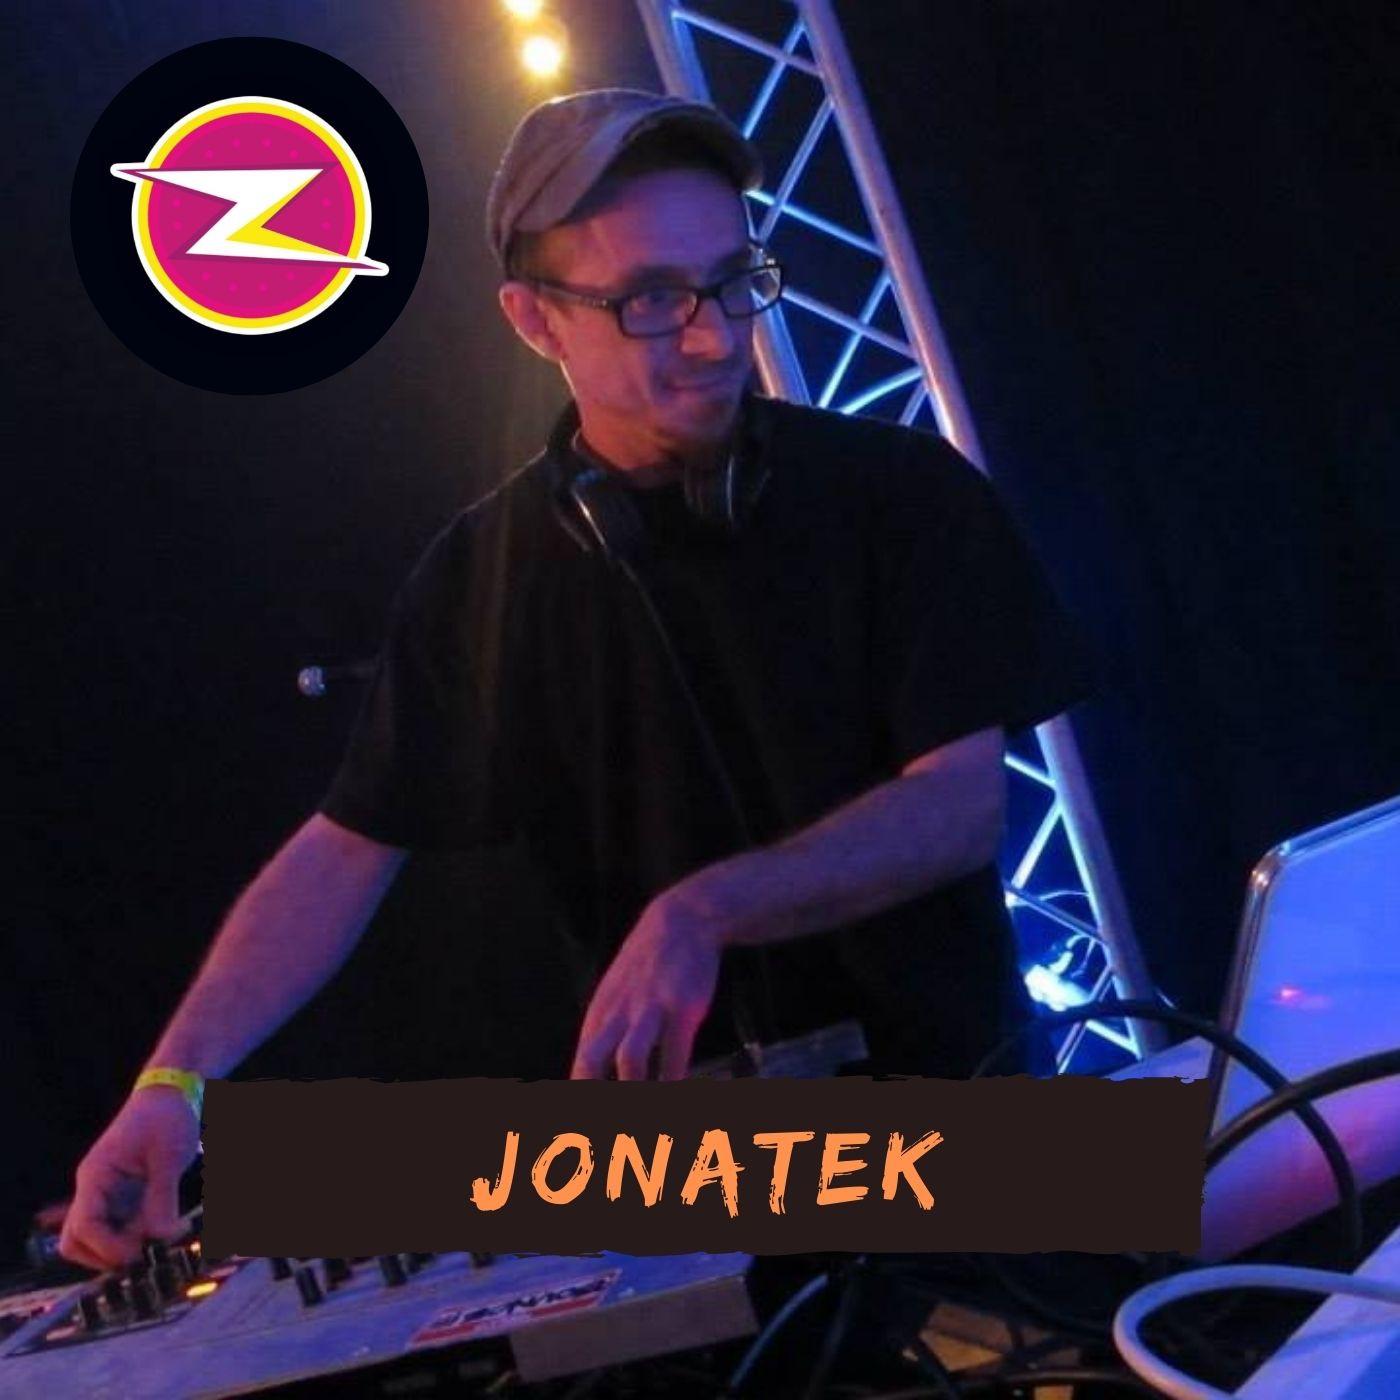 Jonatek